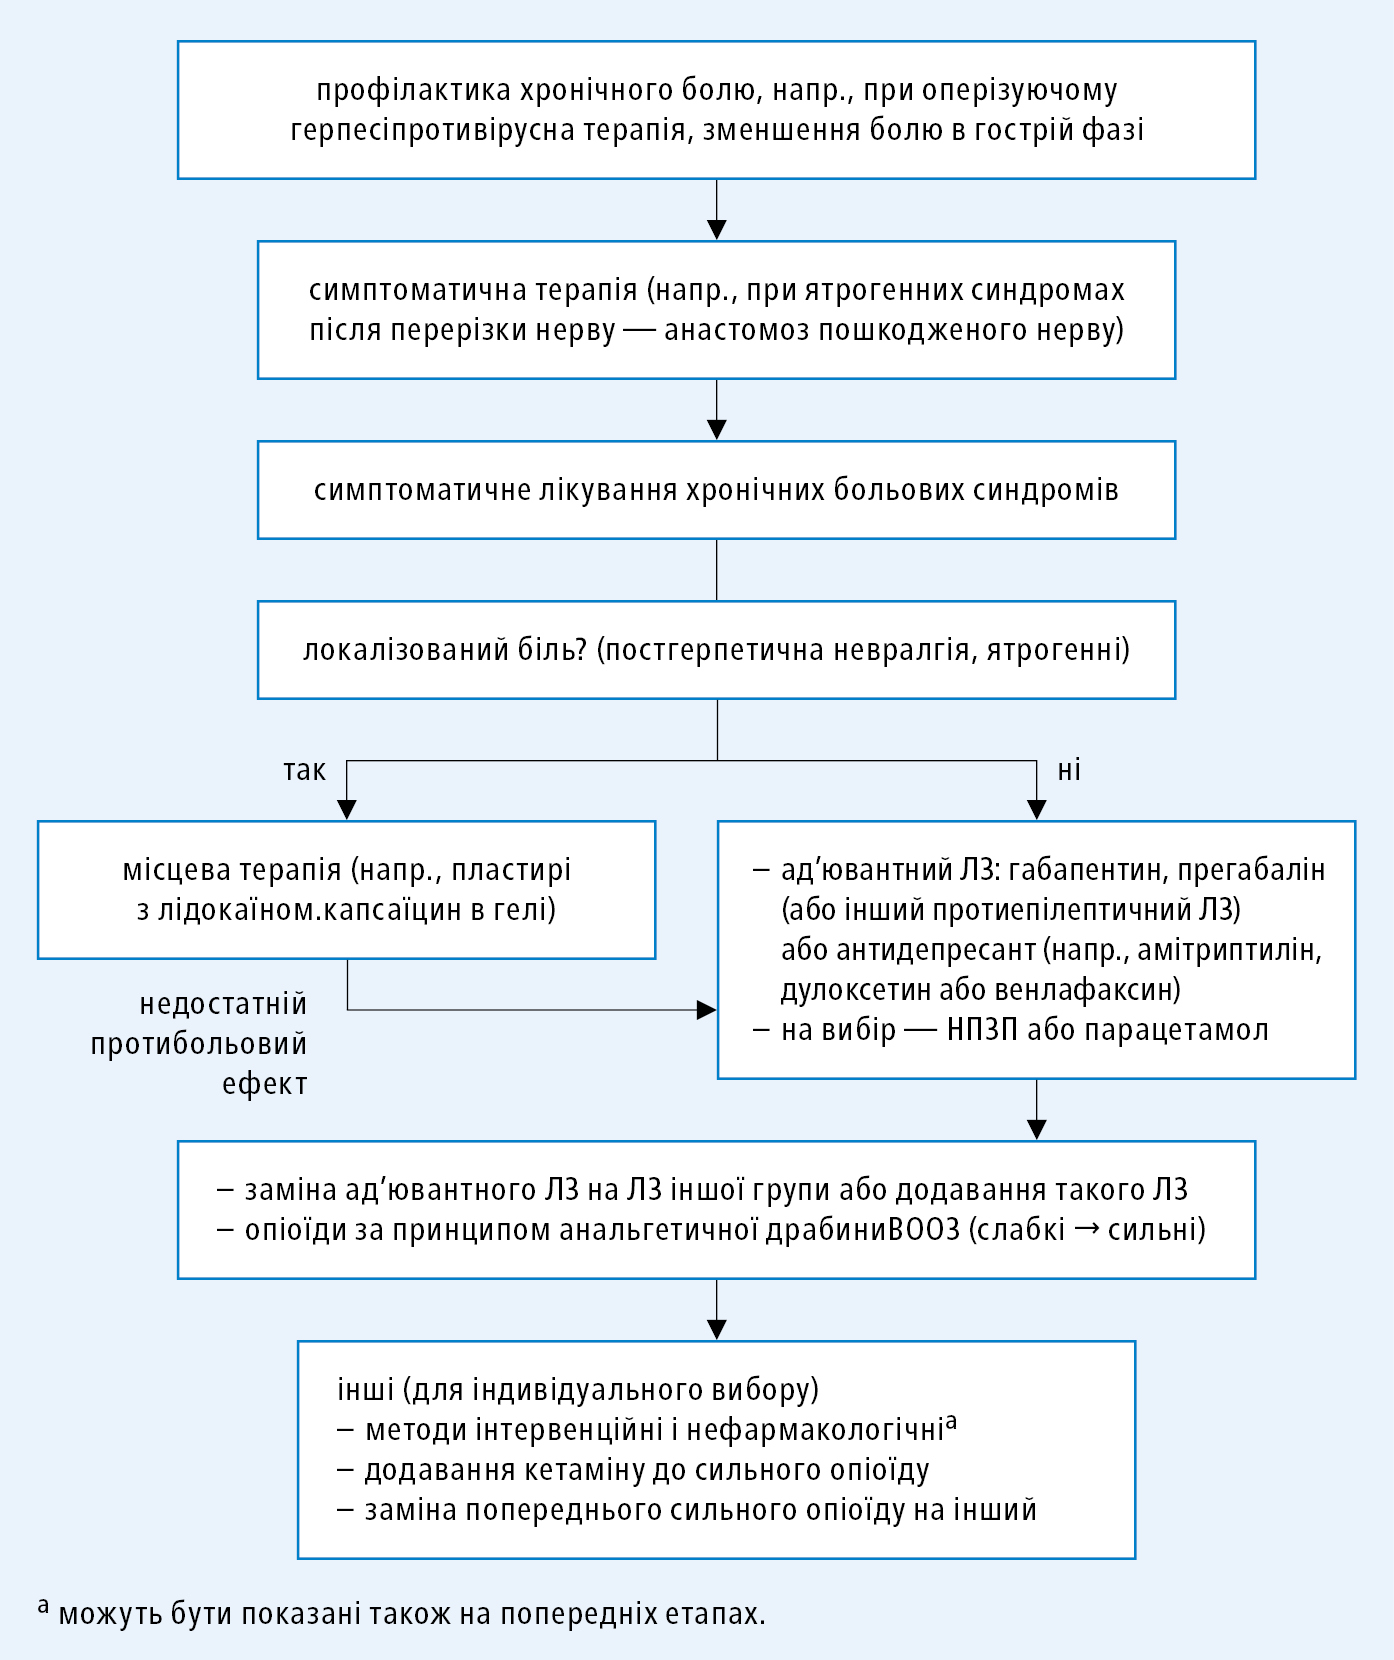 Aлгоритм лікування «чистого» периферичного невропатичного болю